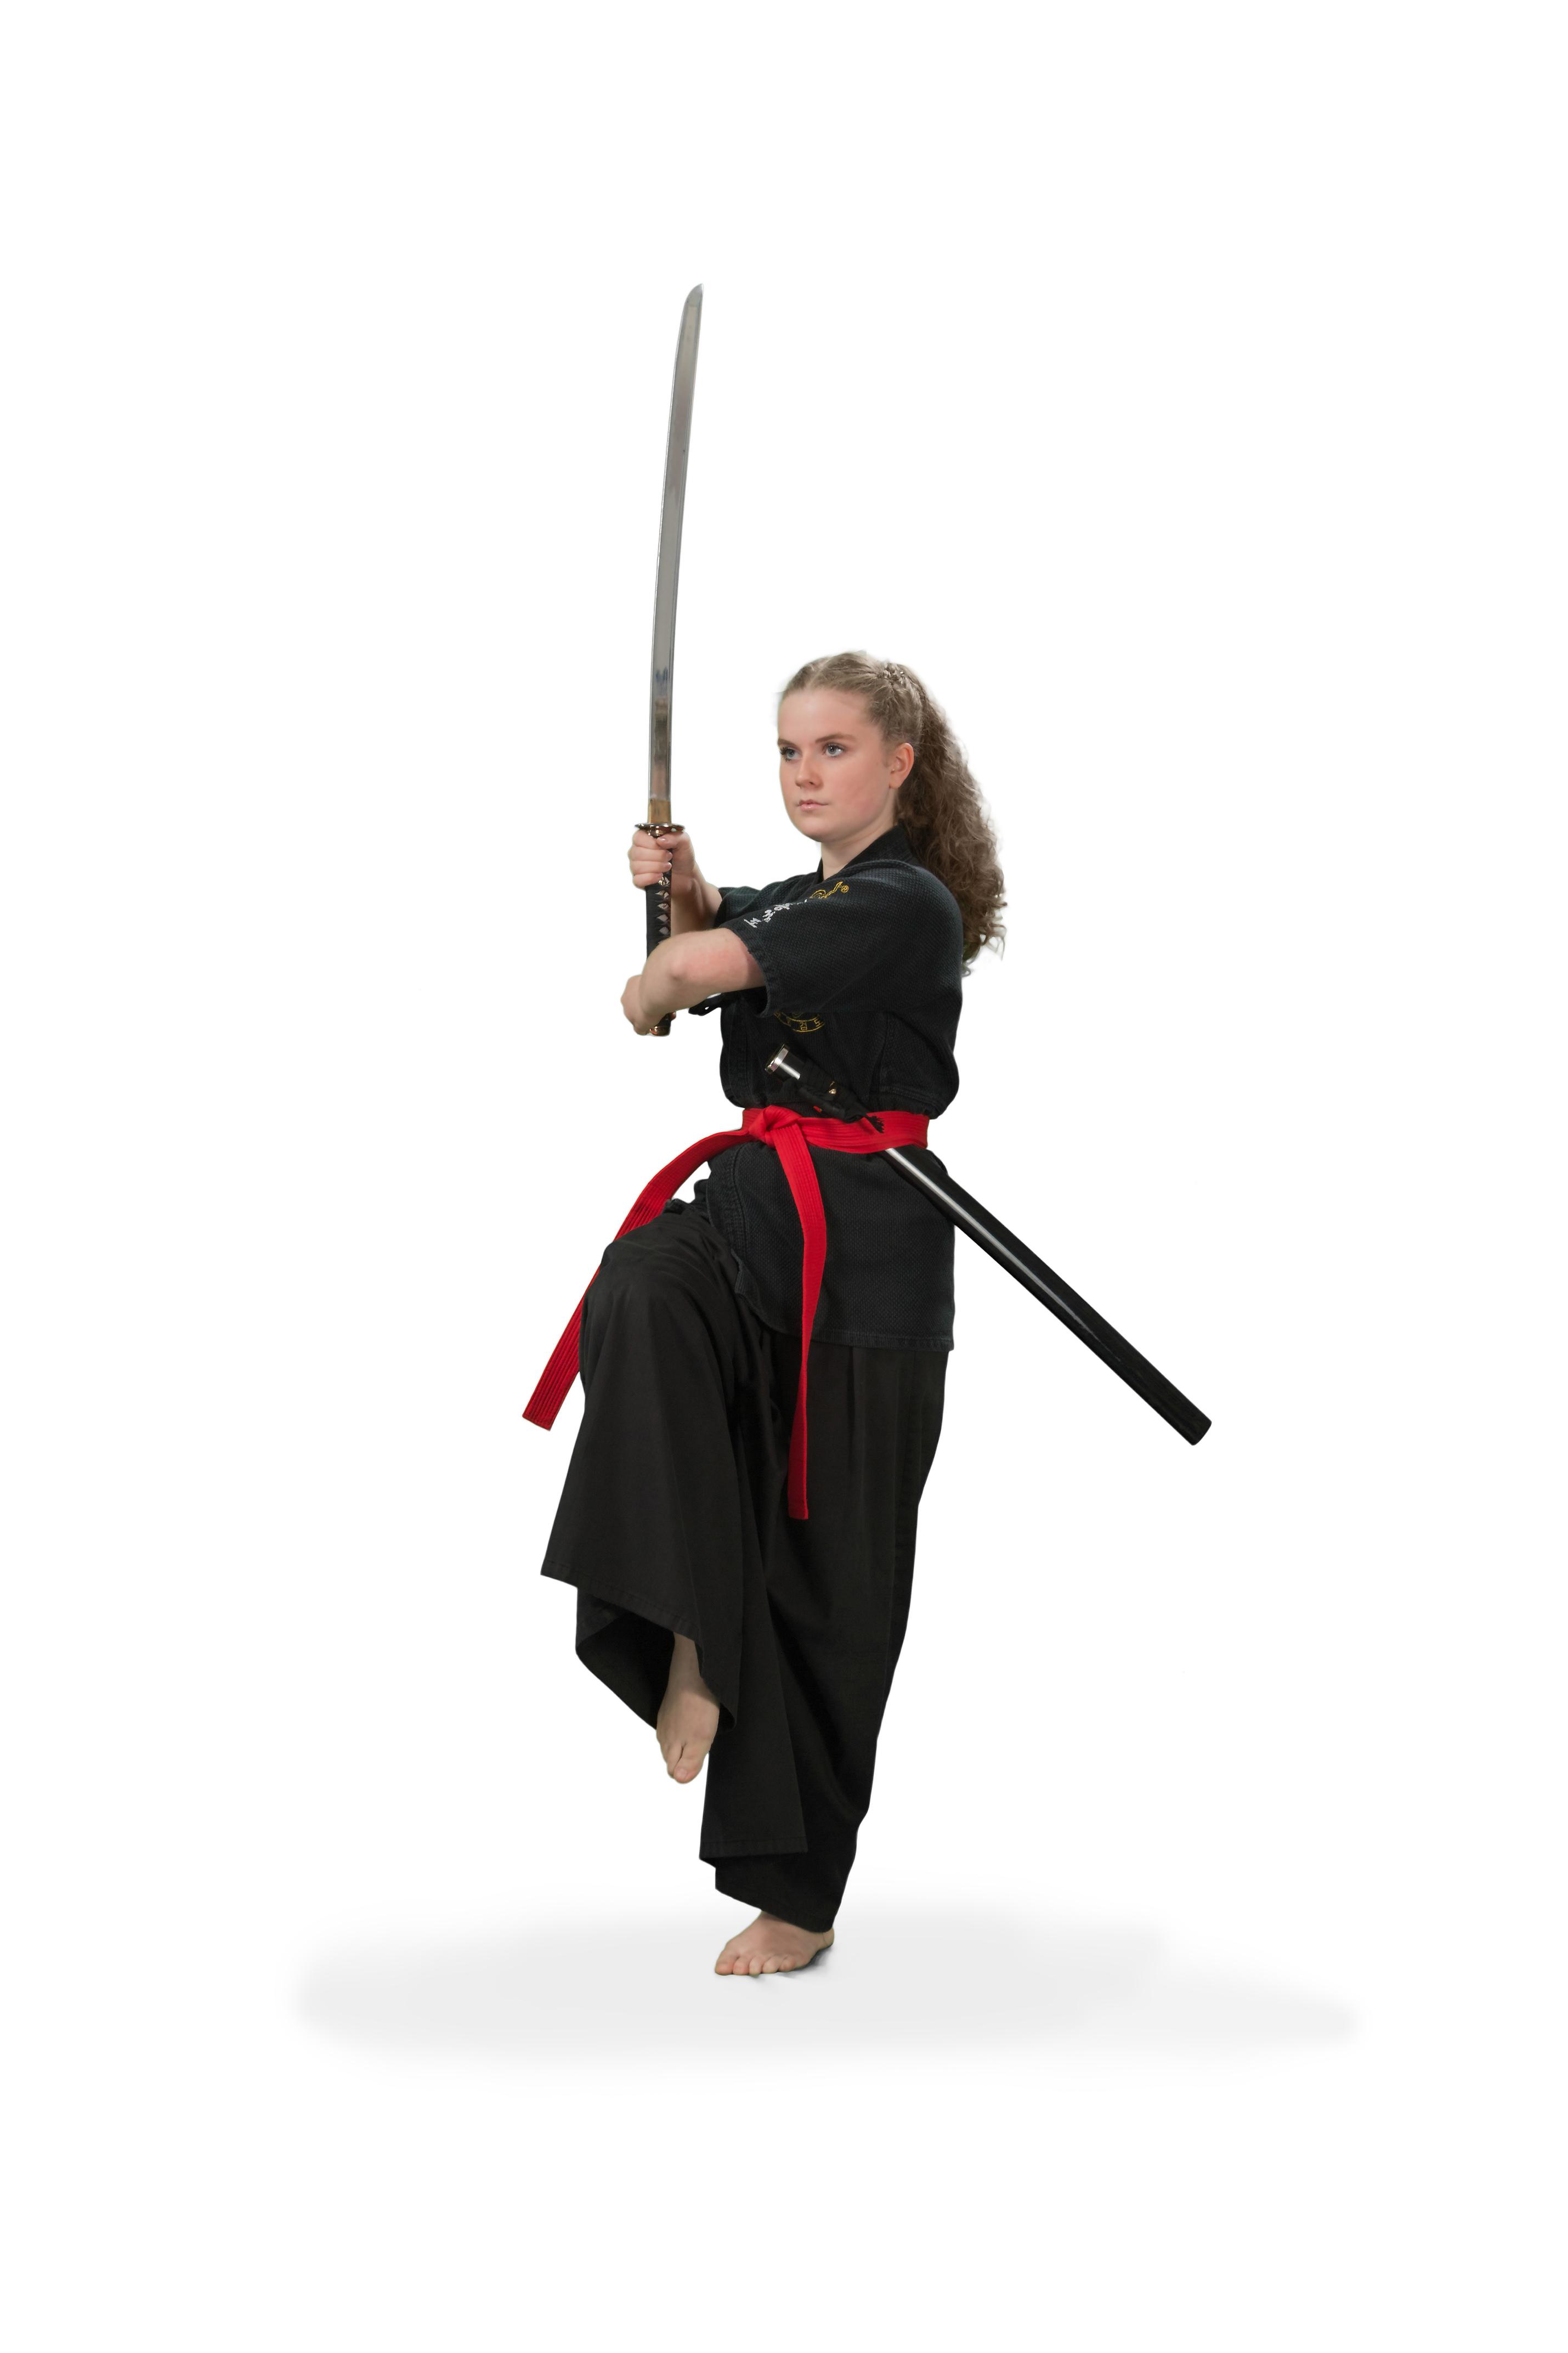 Korean Sword Martial Arts Dothan and Enterprise Martial Arts